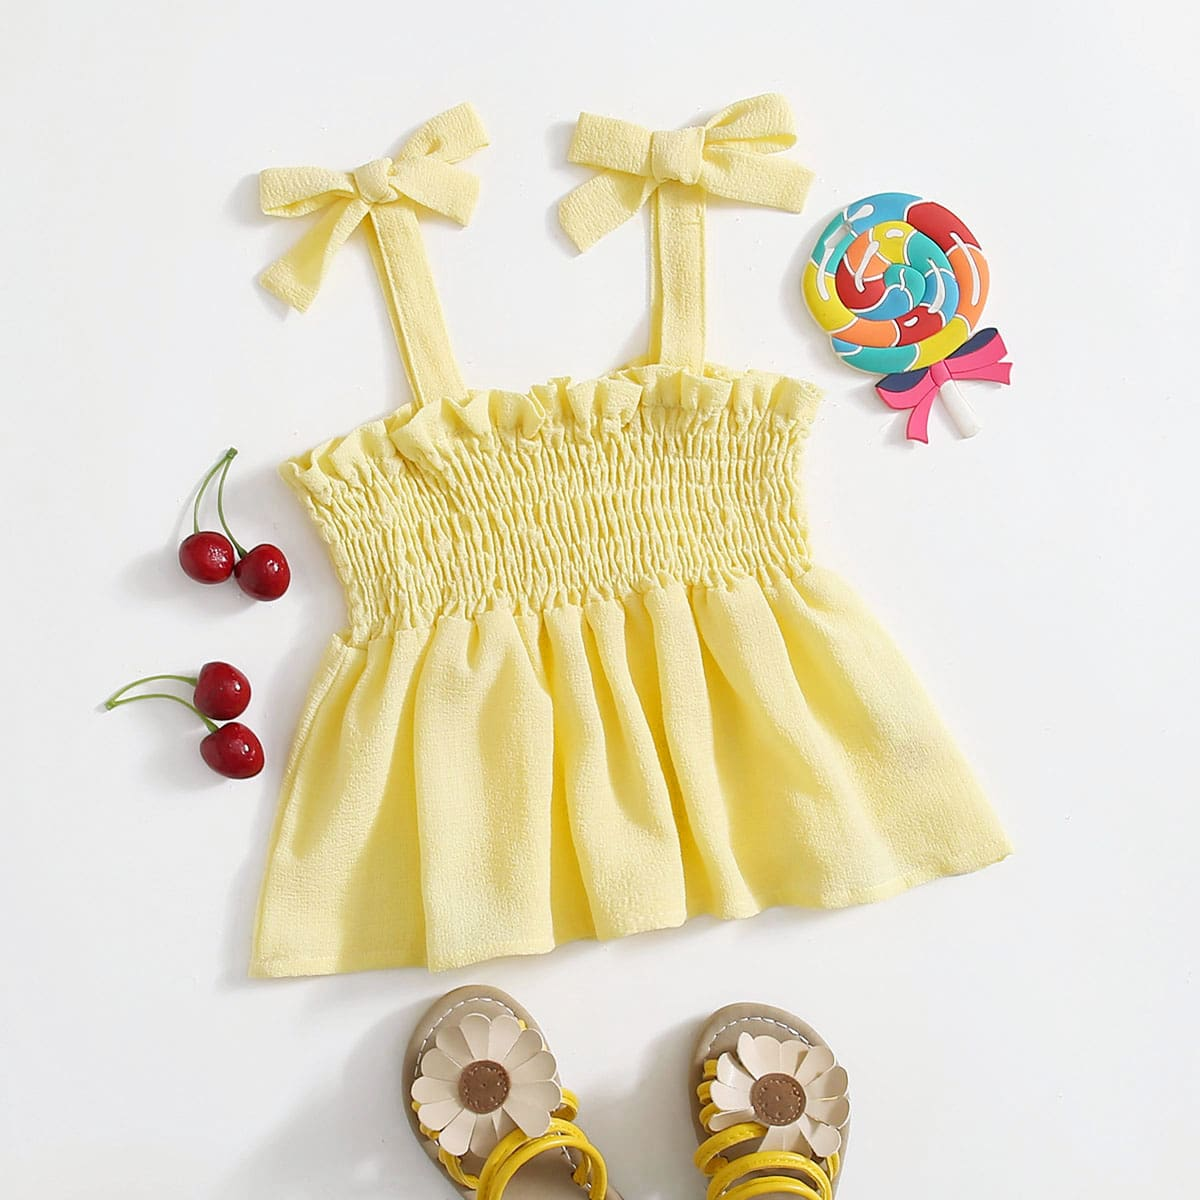 Топ со складками и узлом для маленьких девочек по цене 570